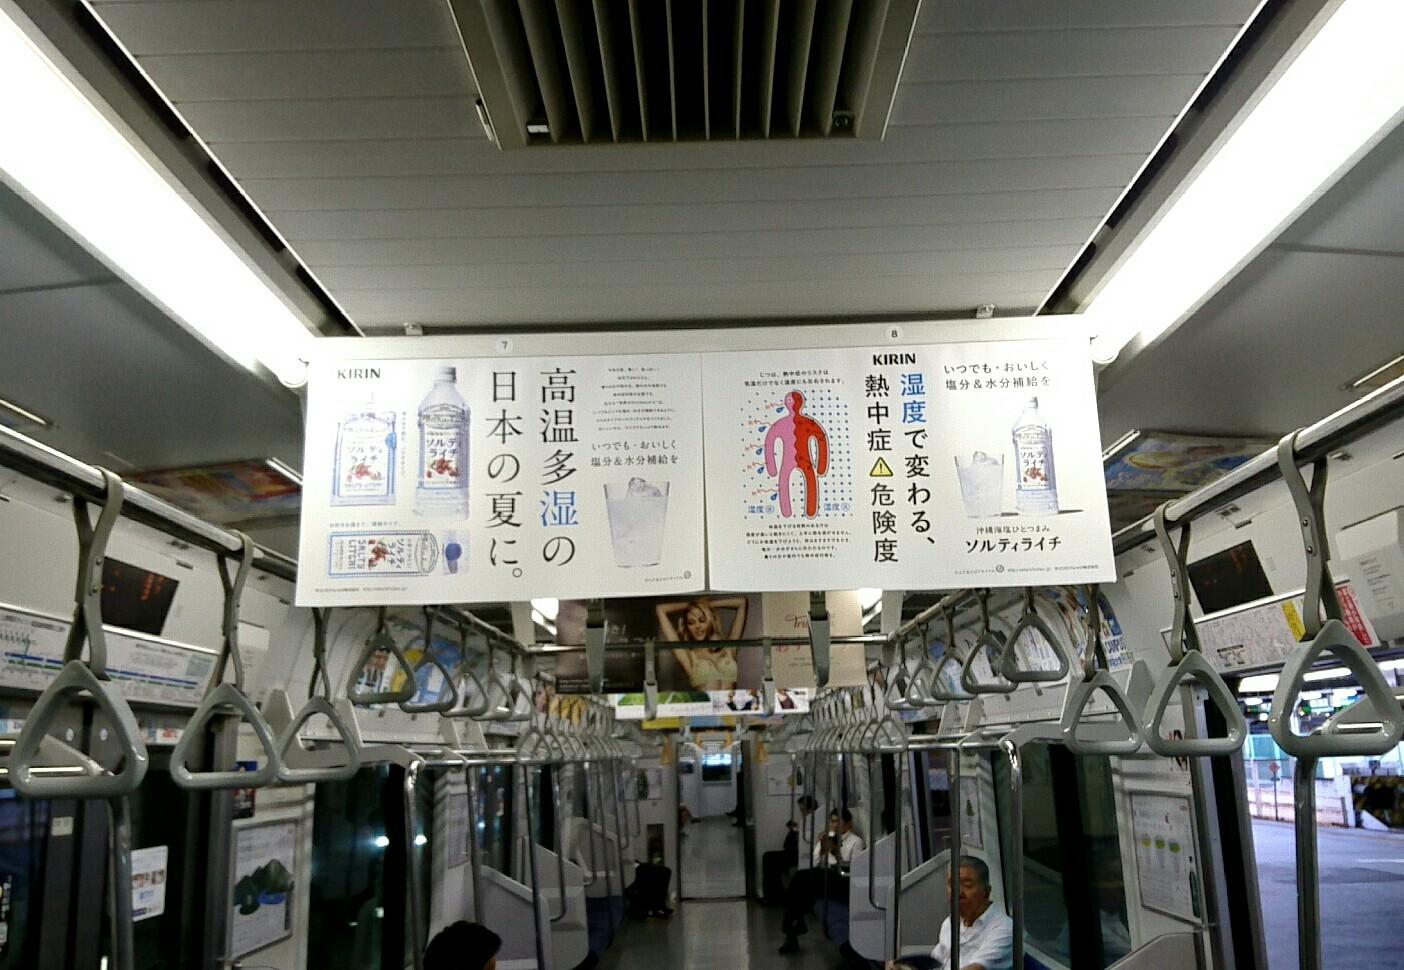 旬の中吊り広告